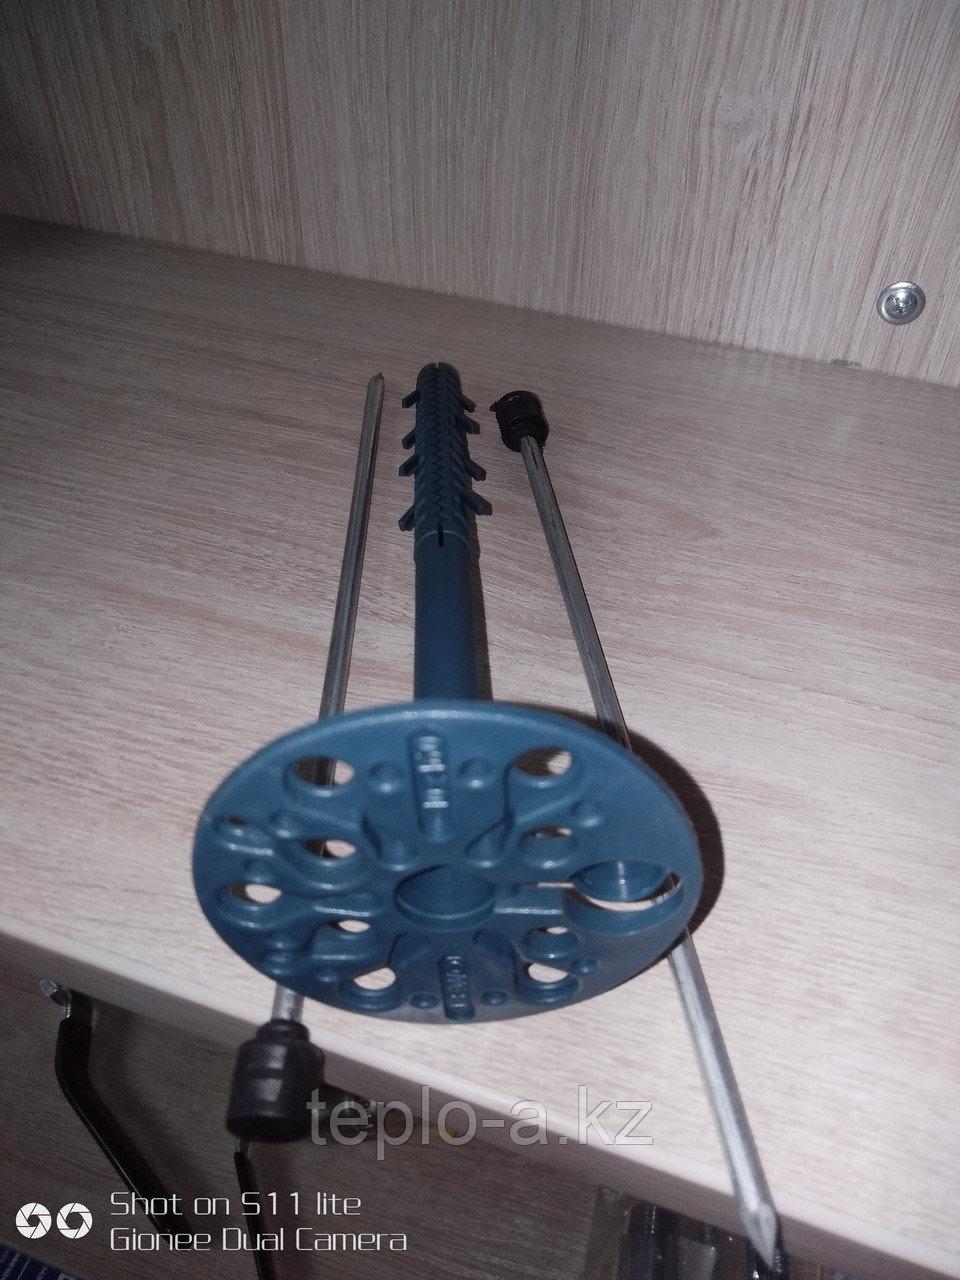 Дюбель зонтик пластиковый с Металлическим гвоздь.  с Термоголовой. 10-180  mm Синие